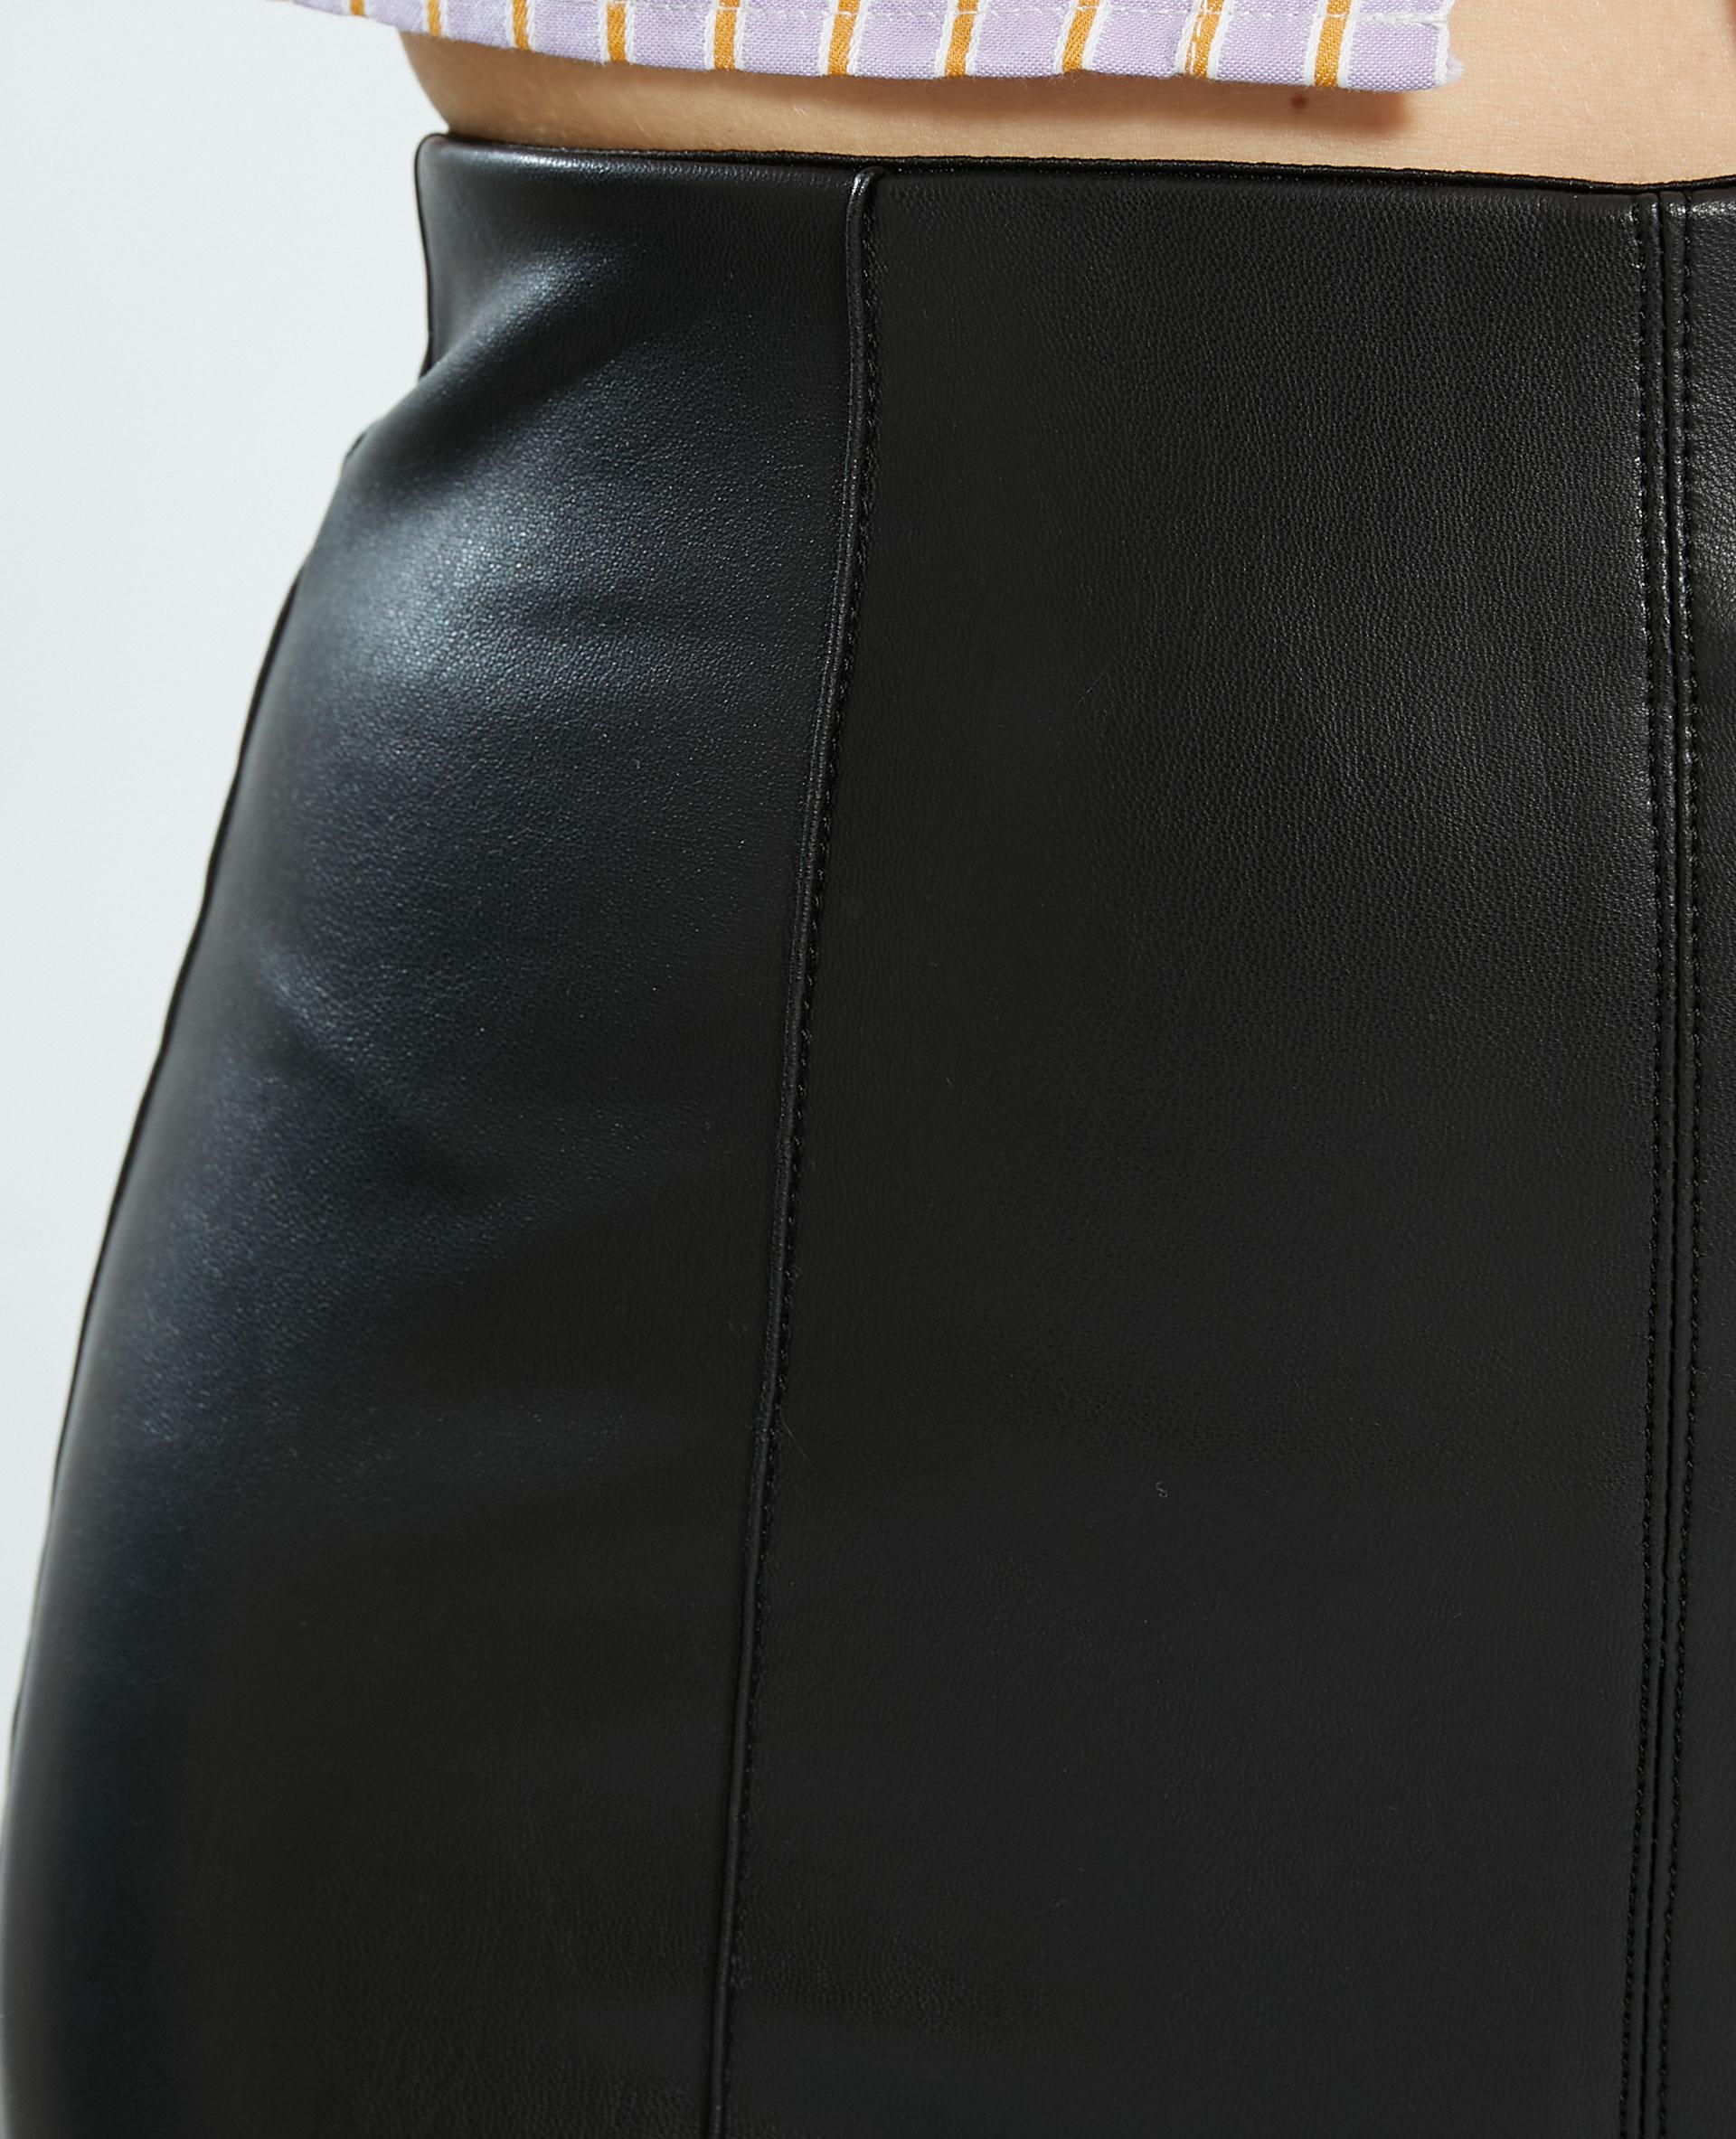 Legging en simili cuir noir - Pimkie